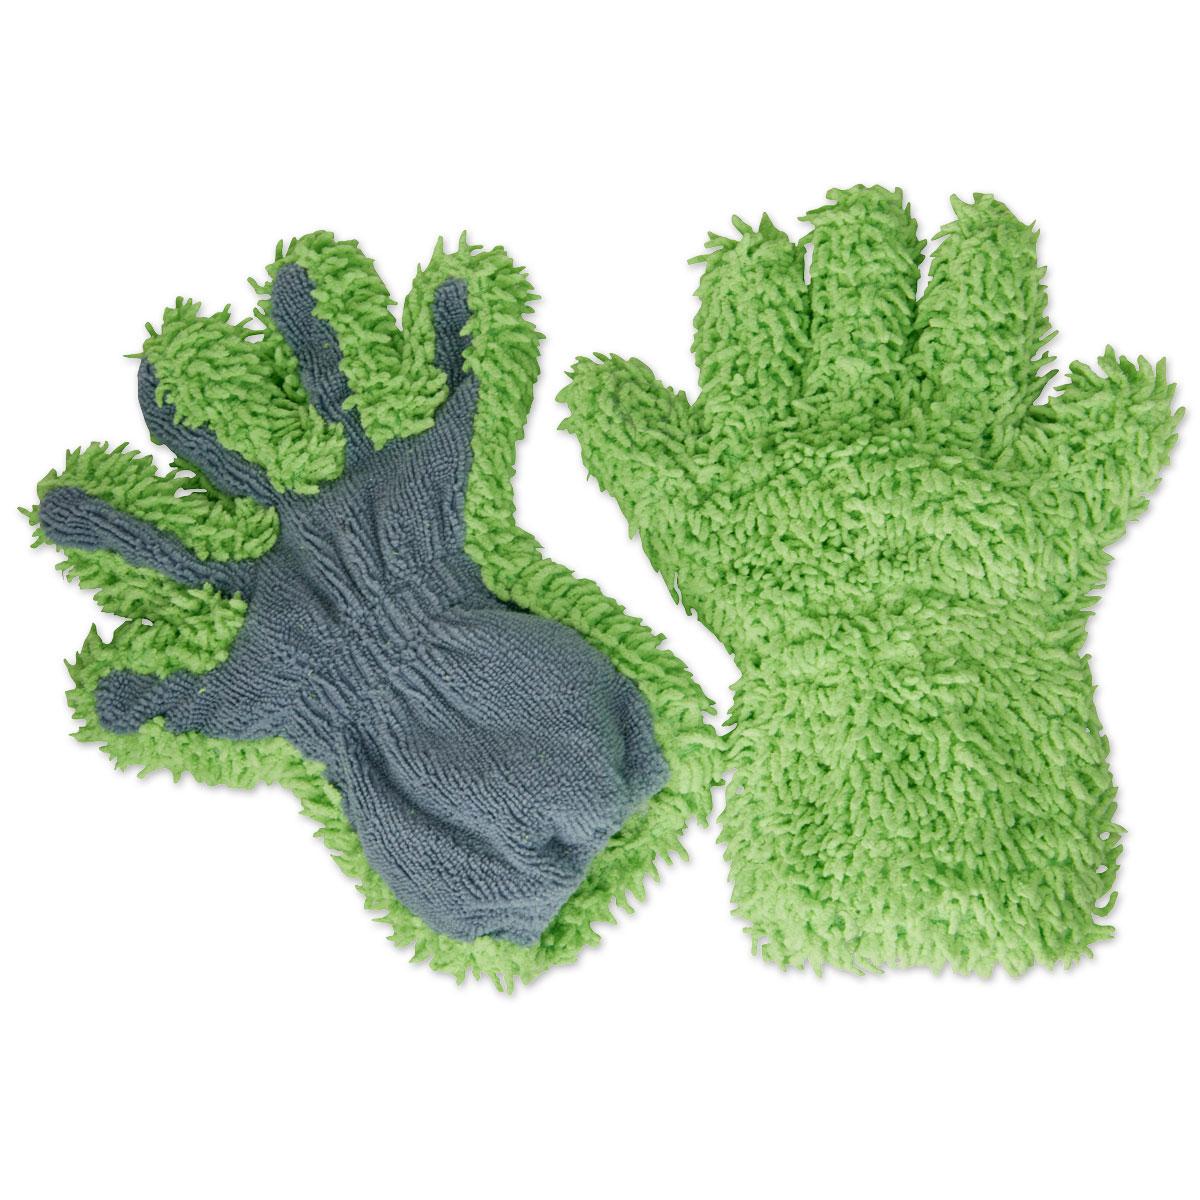 Microfiber Bathing & Grooming Gloves